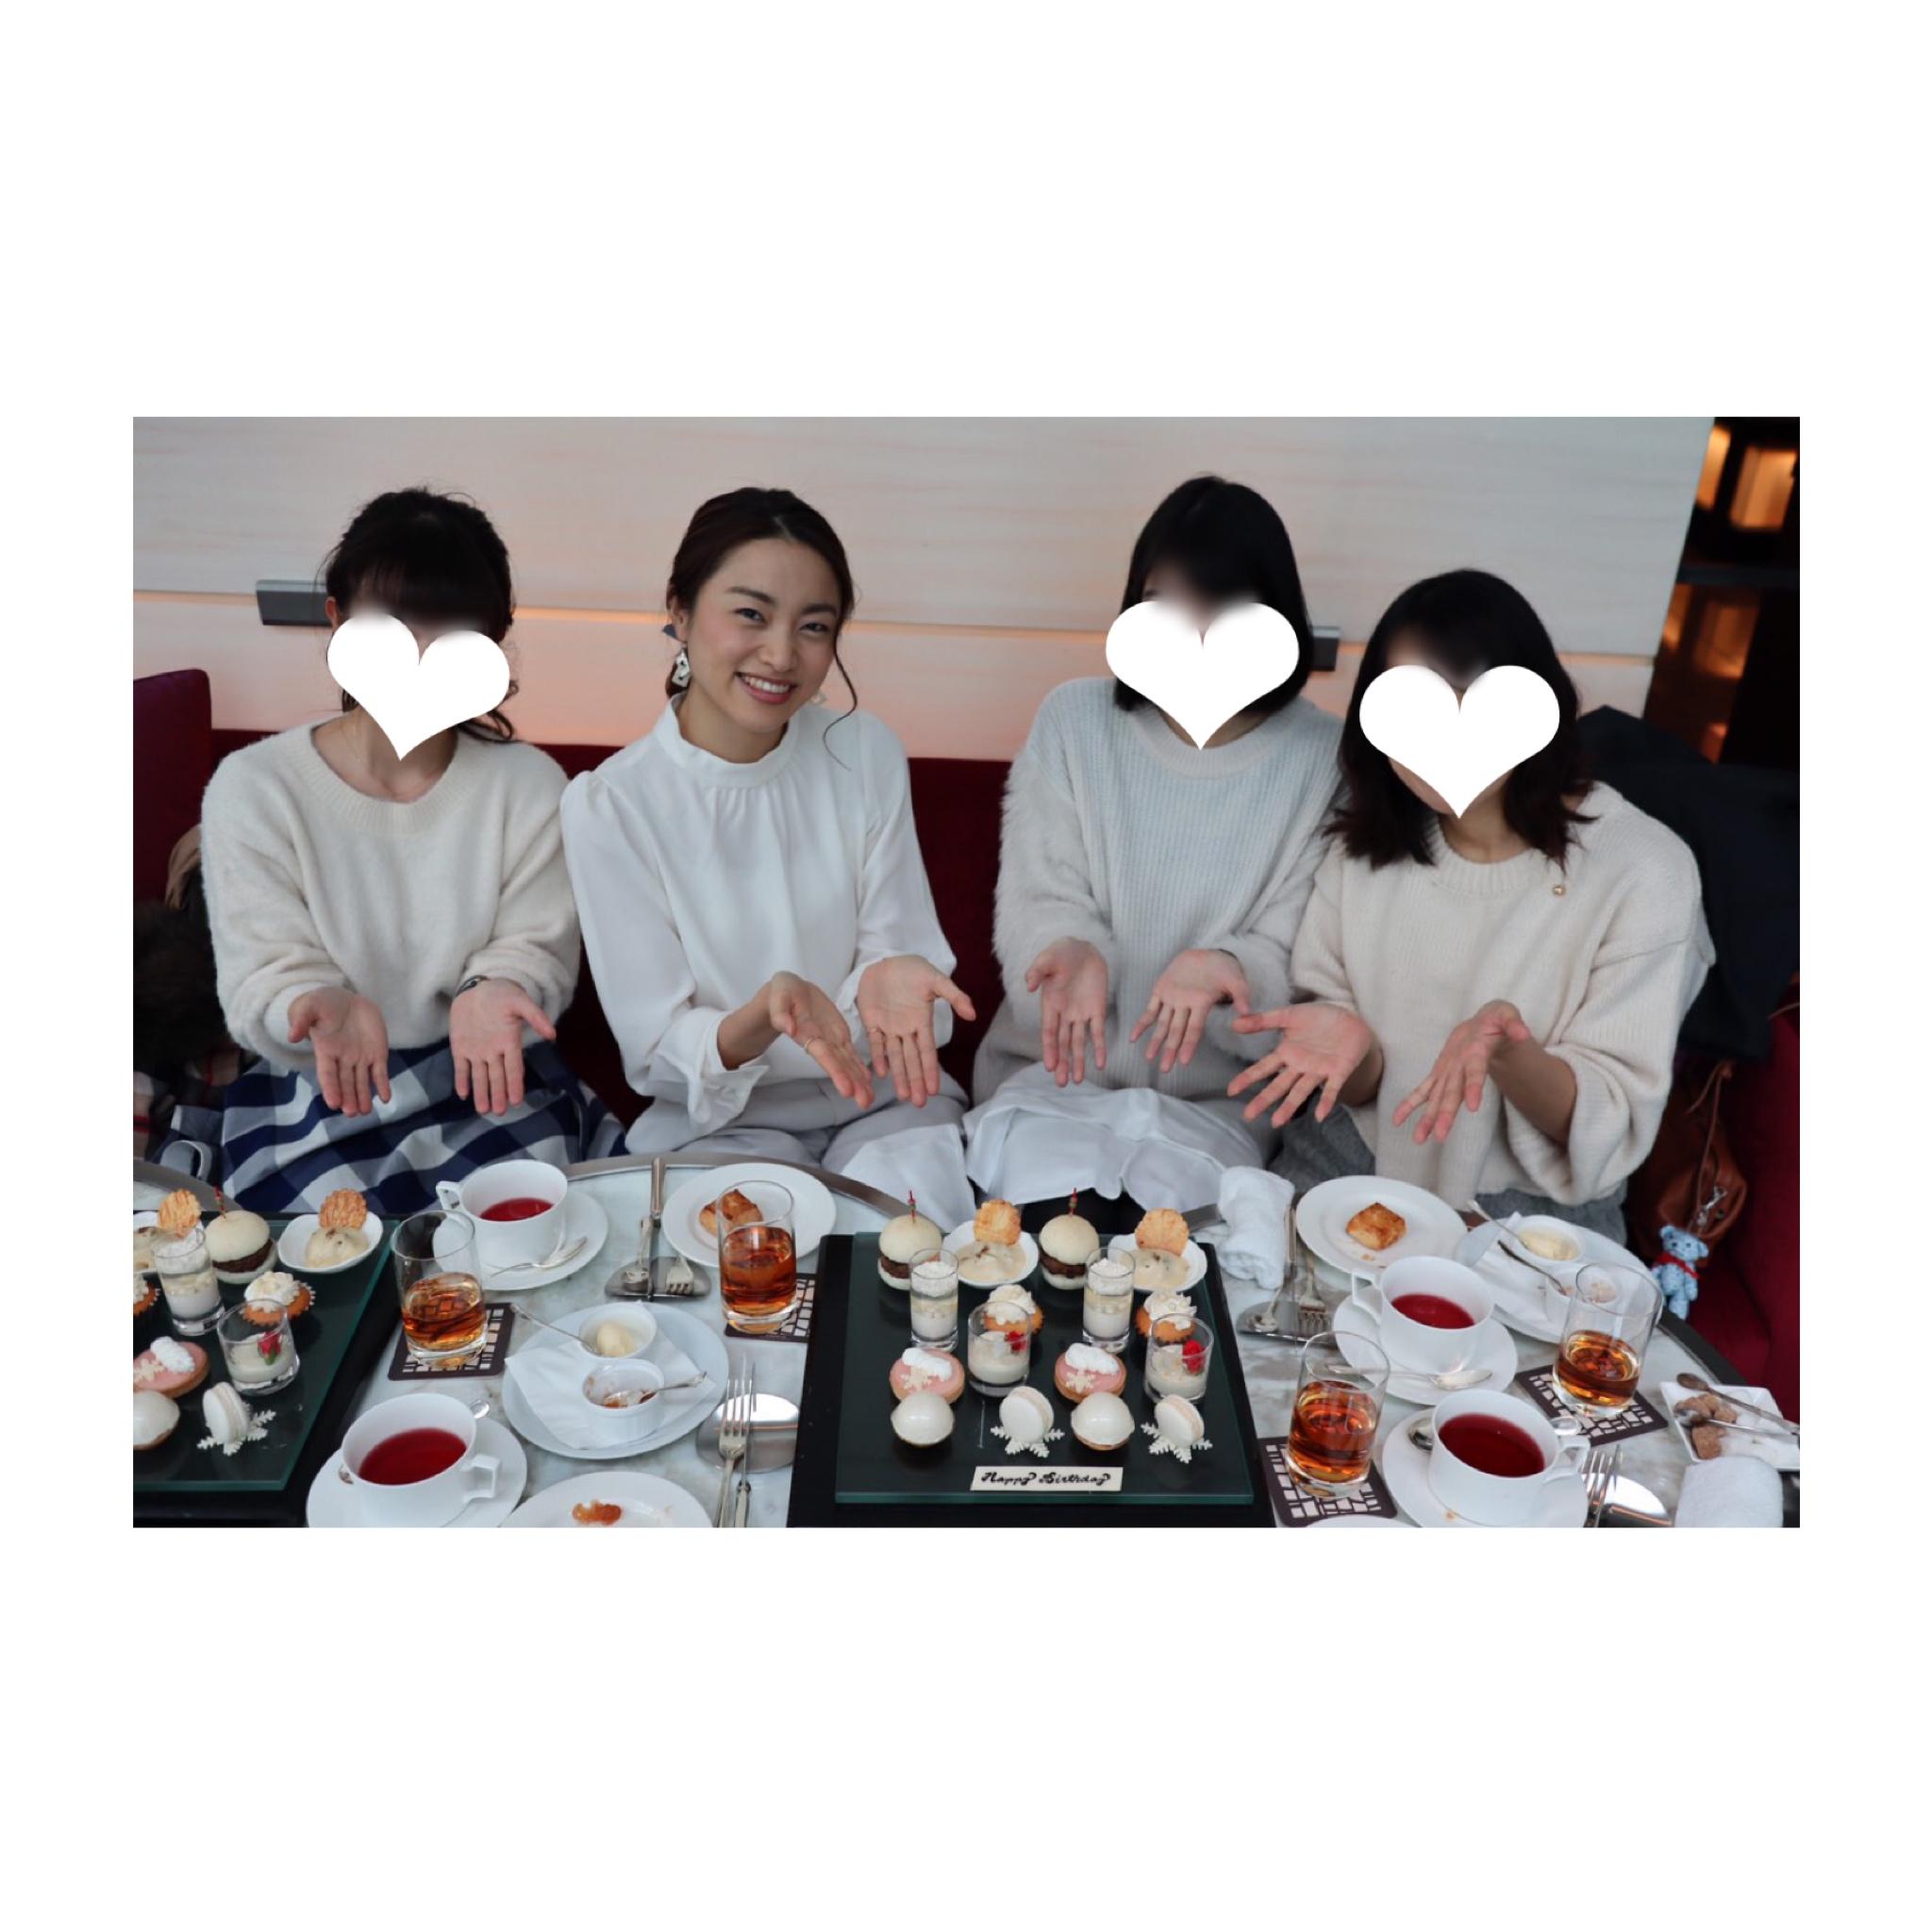 《パールをイメージした真っ白なアフタヌーンティー❤️》写真映え◎【コンラッド東京】のアフタヌーンティーに行ってきました☻_6